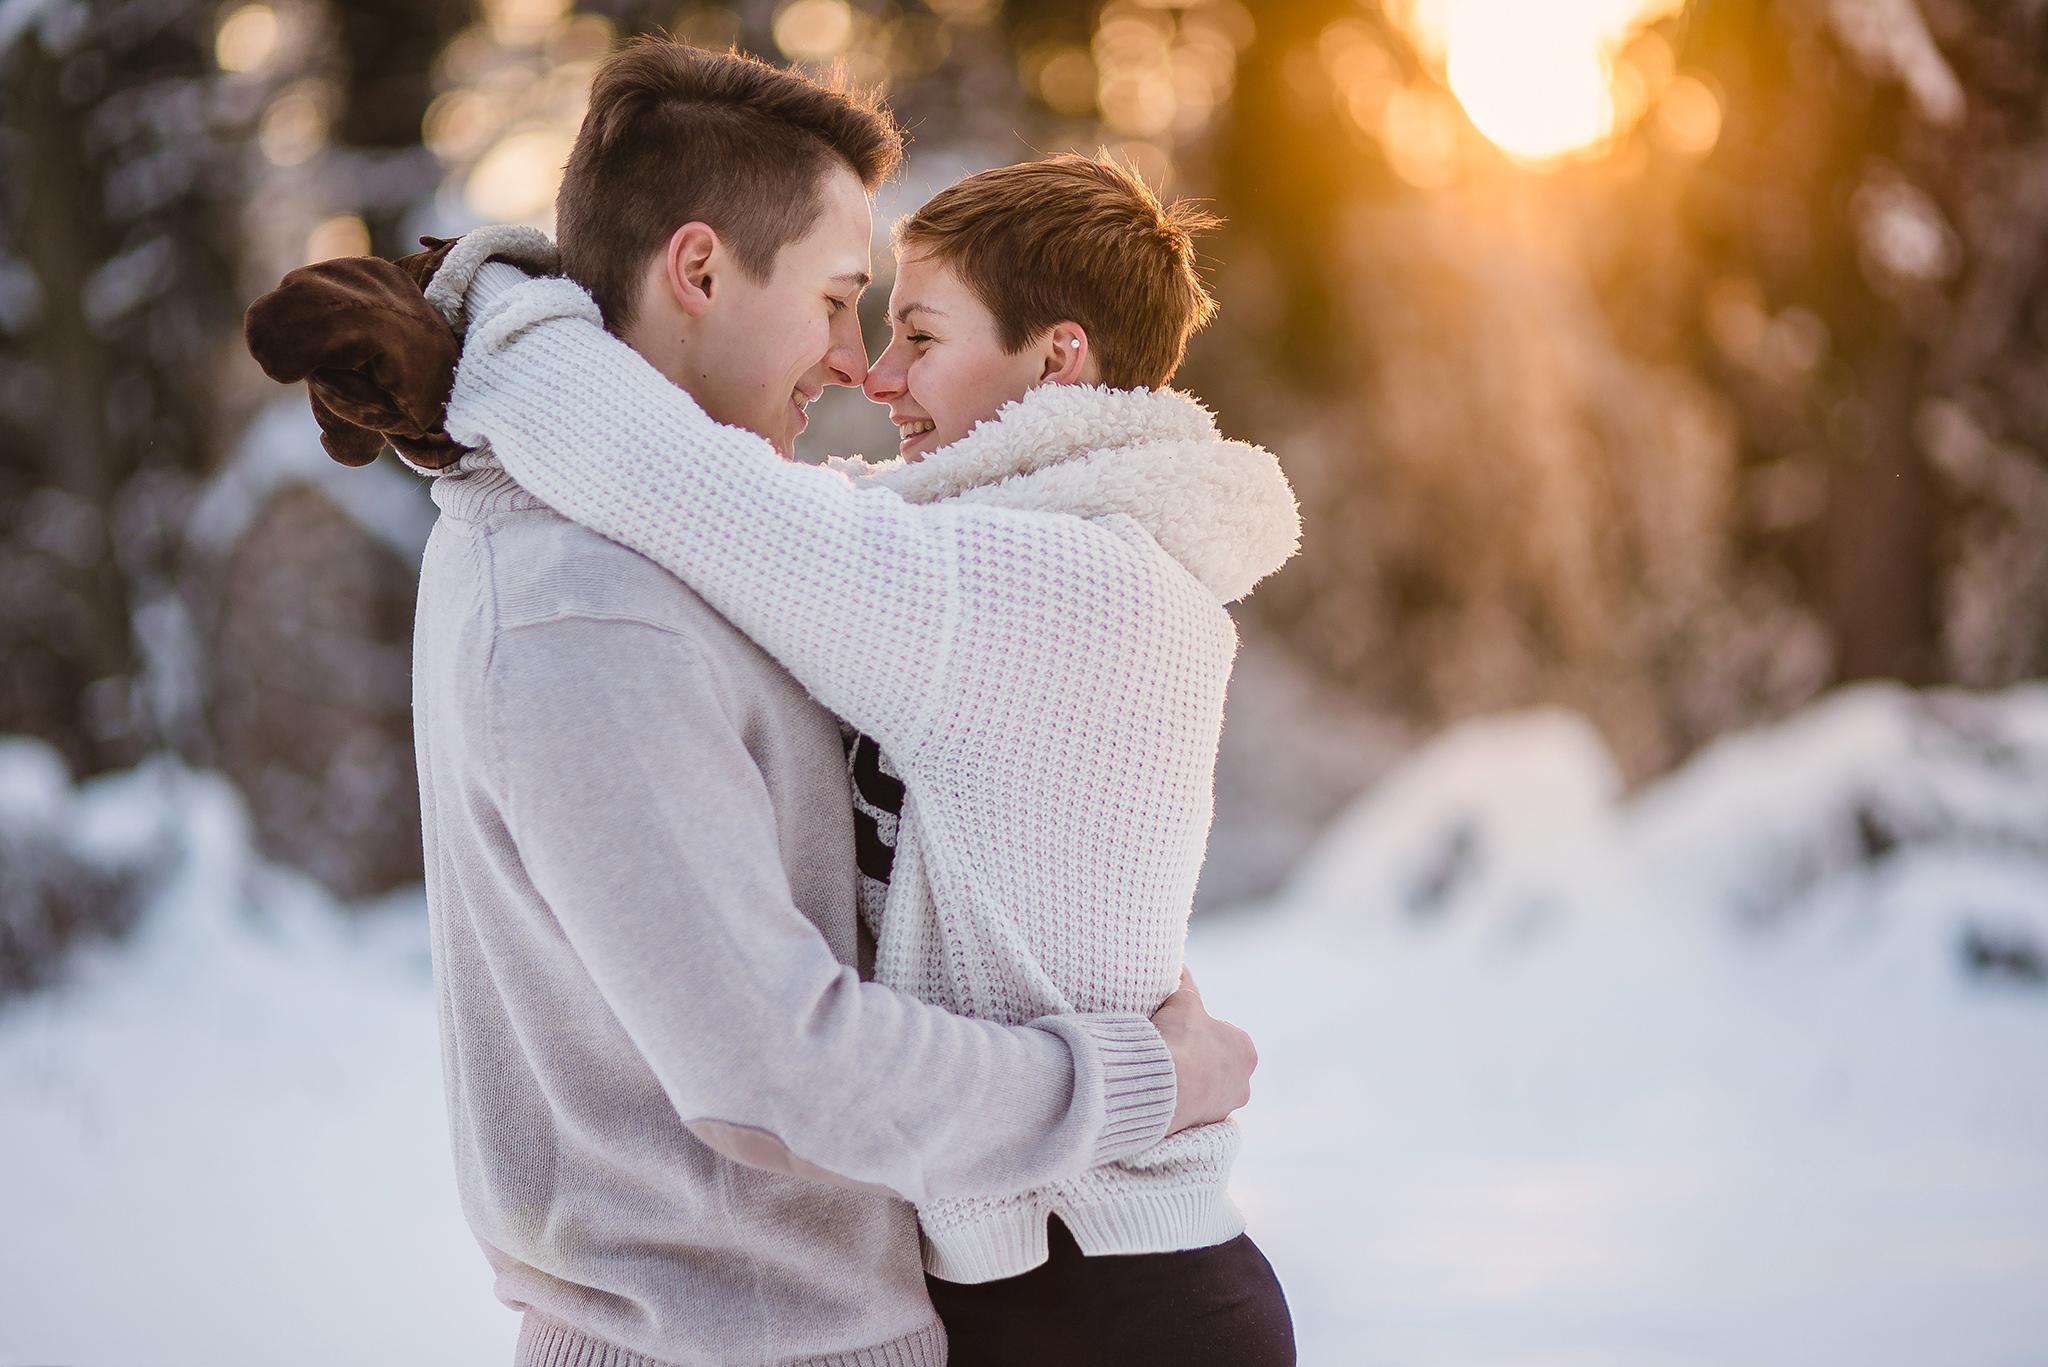 láska, príroda, love, les, západ slnka, sunset, romantika, úsmev, smile, radosť, zamilovaný pár, smiech, radosť, šťastie, zima, winter